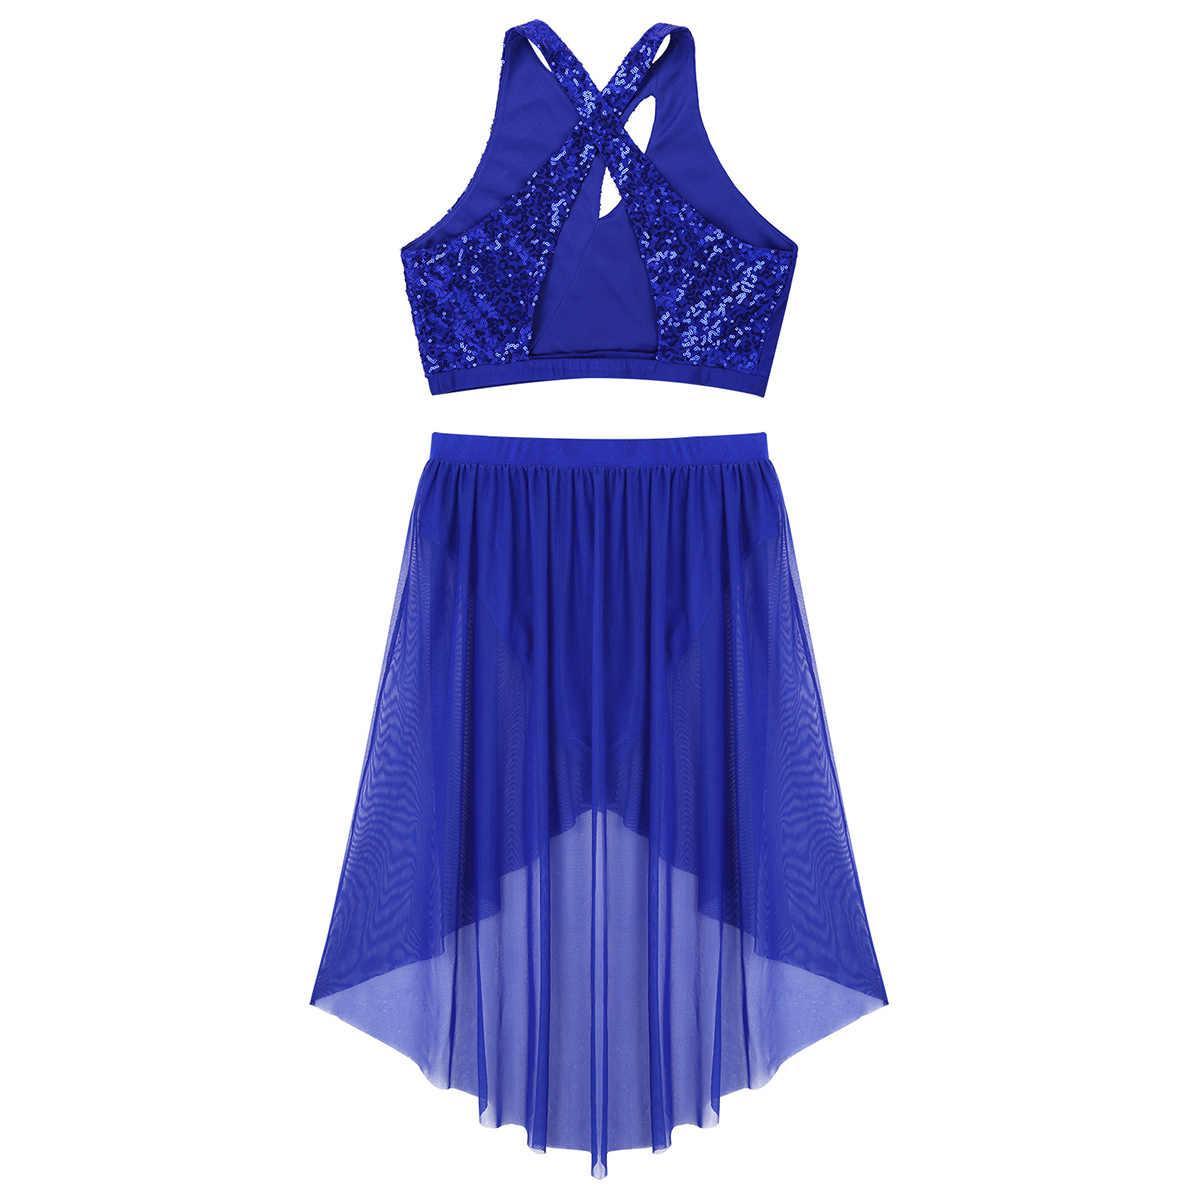 נשים ריקודי בטן לטינית שמלת מודרני לירי בגדי בלט חדר כושר בגד גוף תלבושות תלבושת מבריק נצנצים טנק יבול למעלה & רשת חצאית